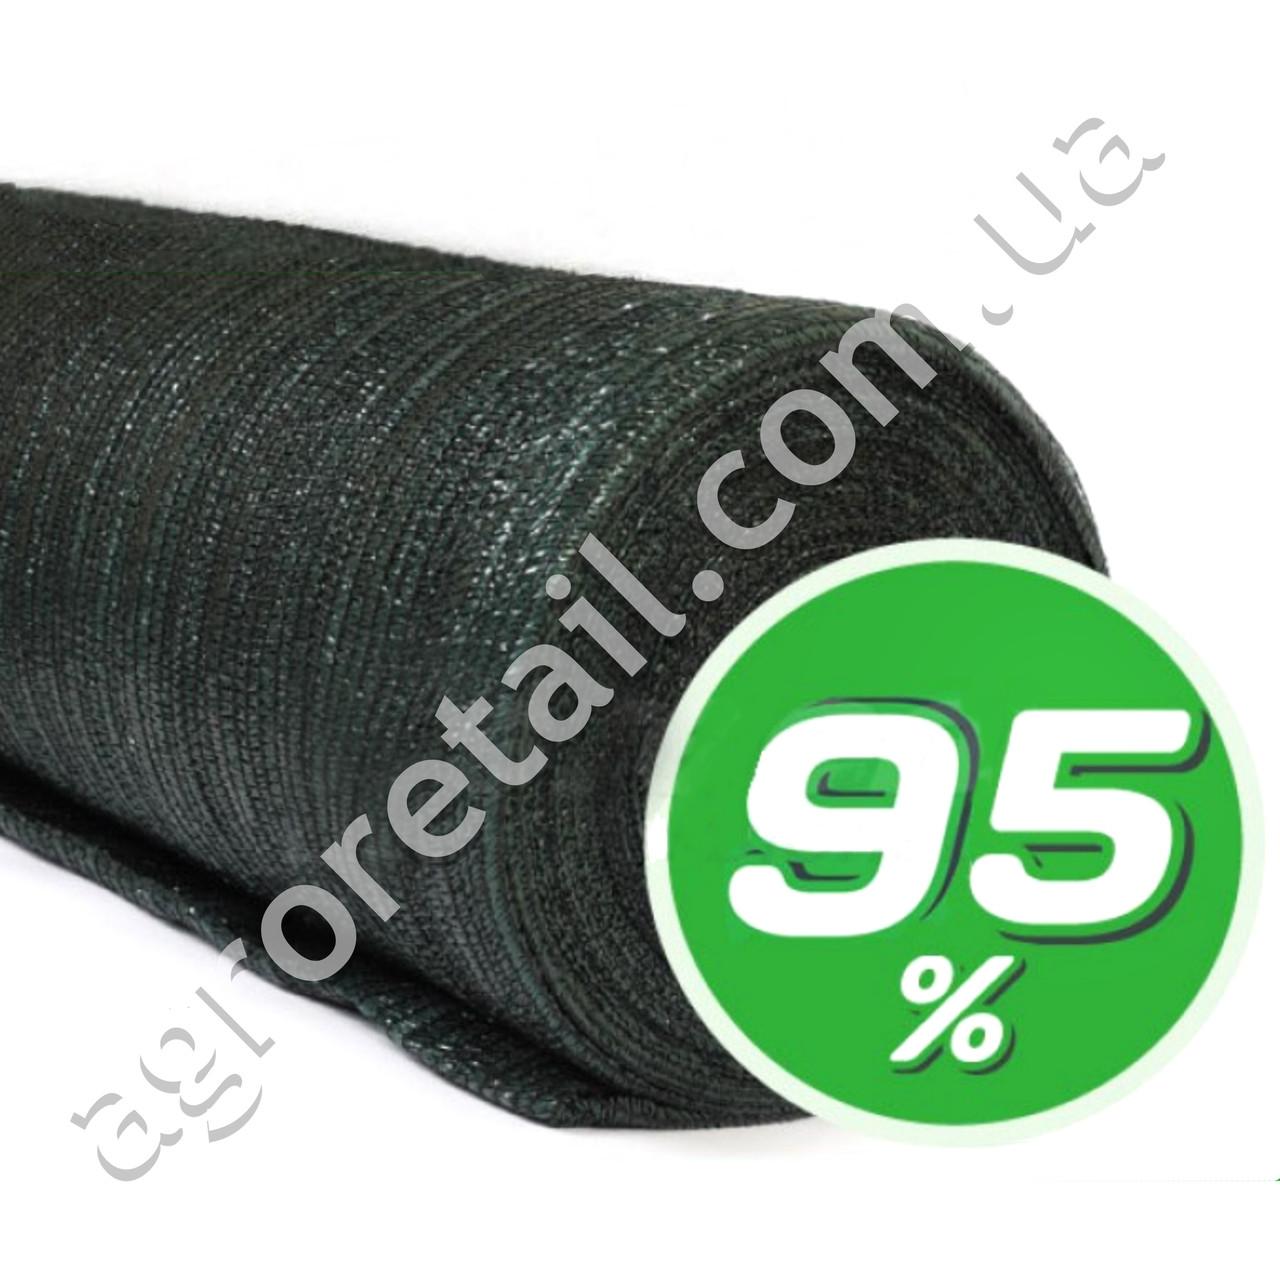 Затеняющая сетка зеленая 95% тени 3x50 м